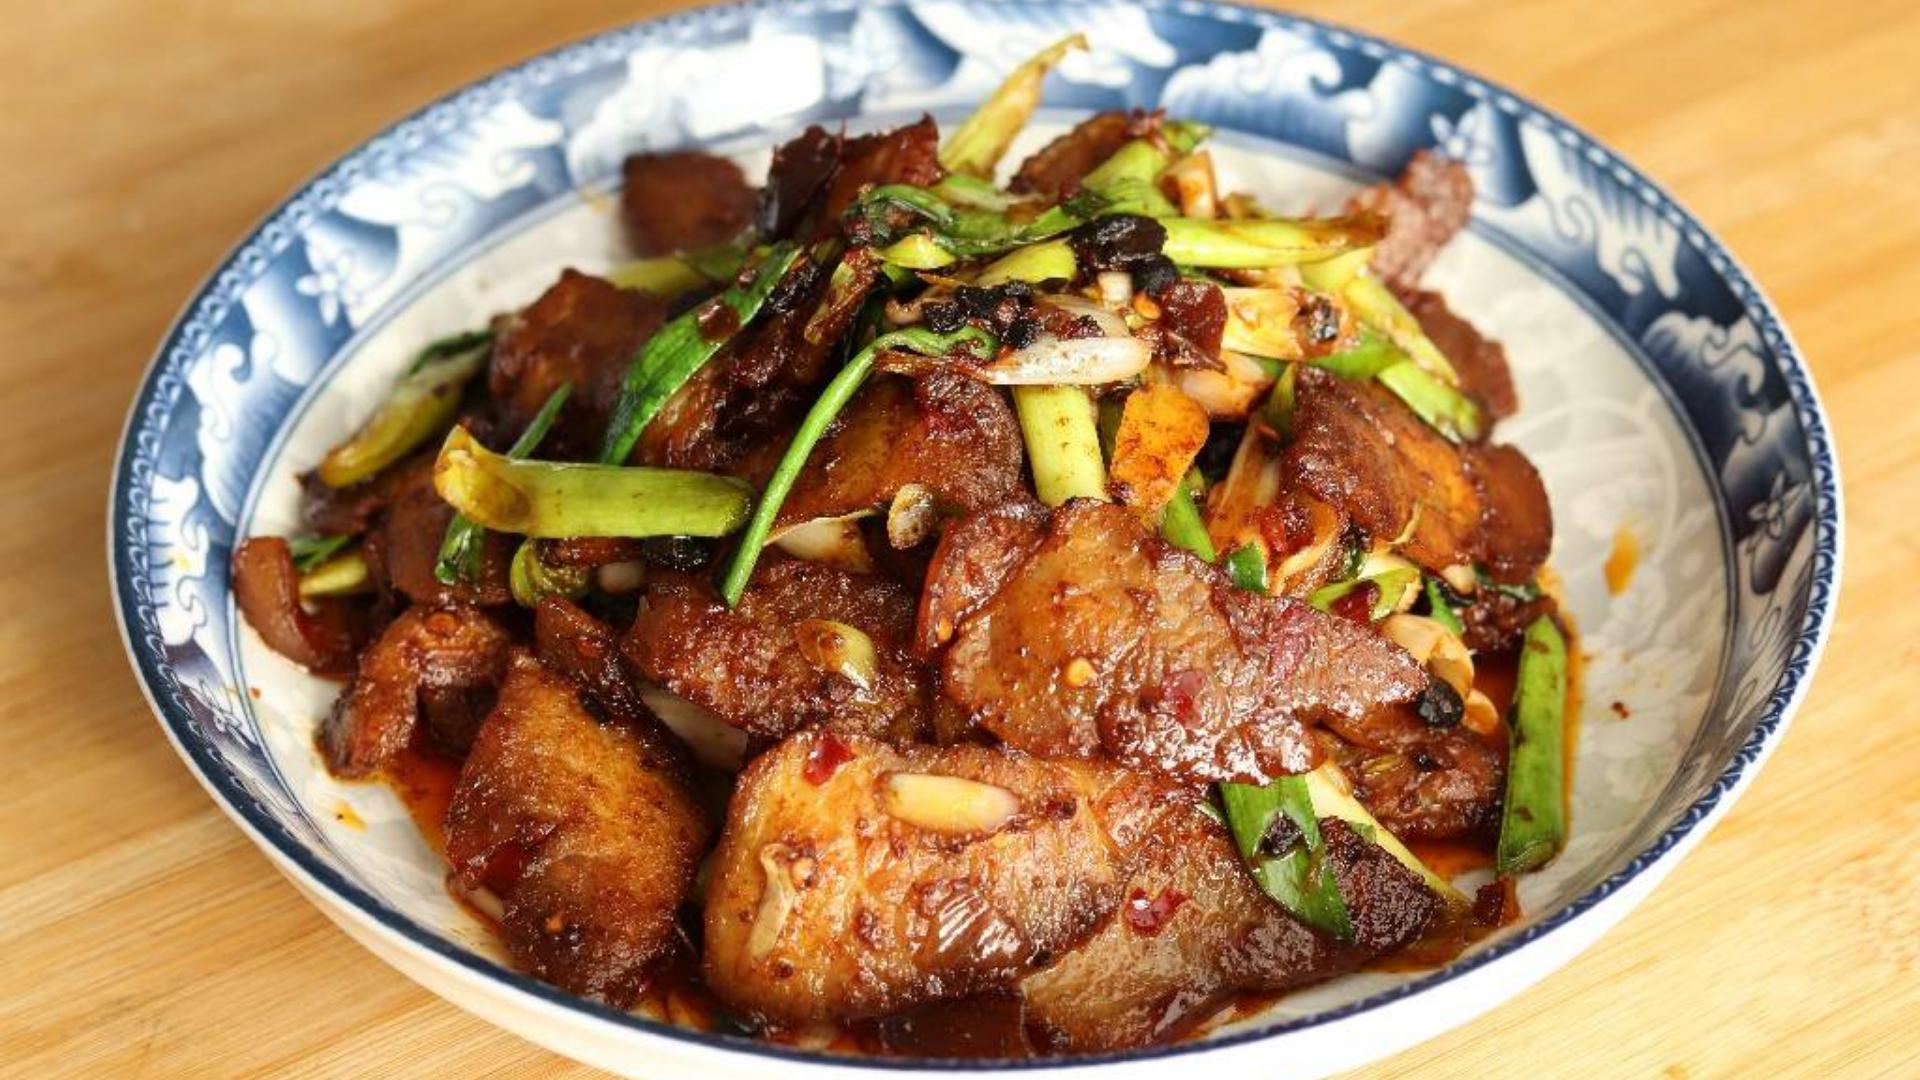 大厨教你回锅肉的正确做法,香辣下饭,肥而不腻,炒一盘吃过瘾了